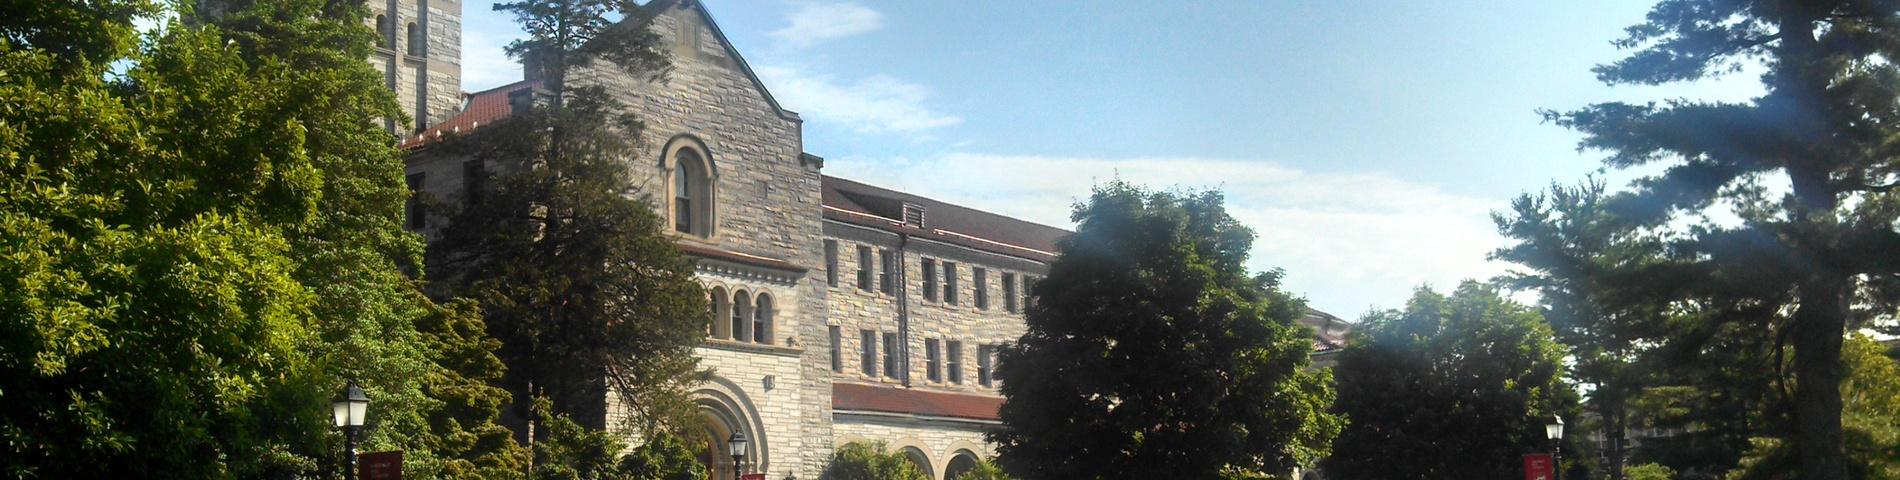 FLS - Chesnut Hill College obrazek 1